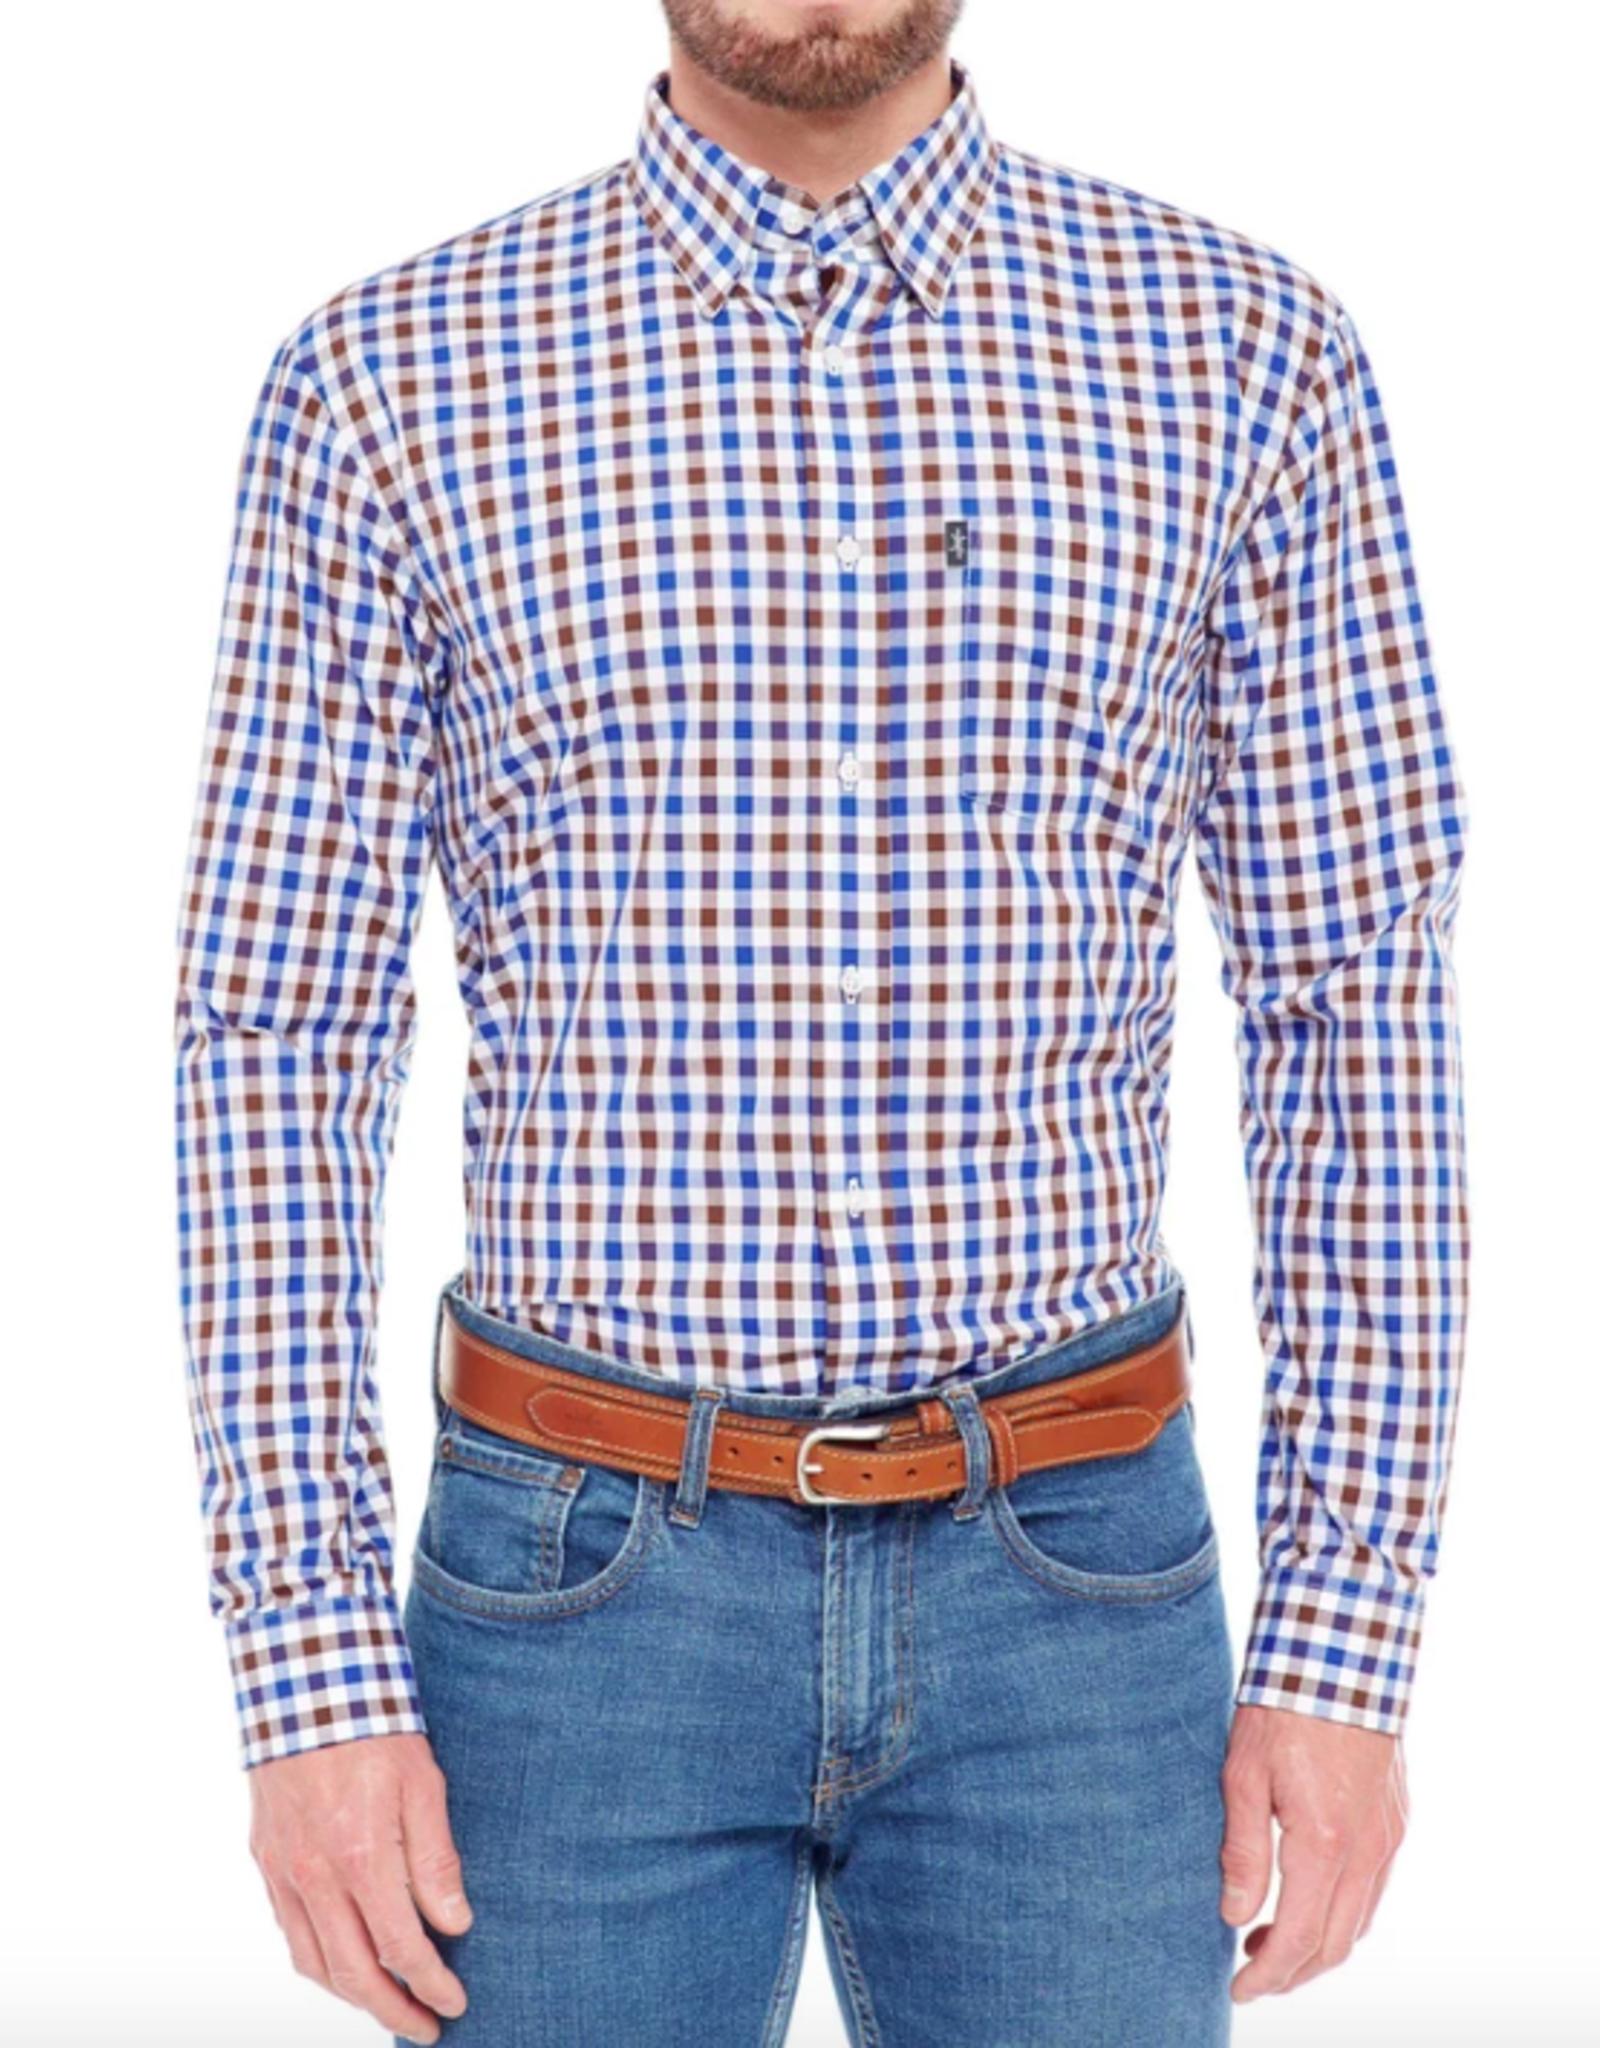 Texas Standard Standard Sport Shirt